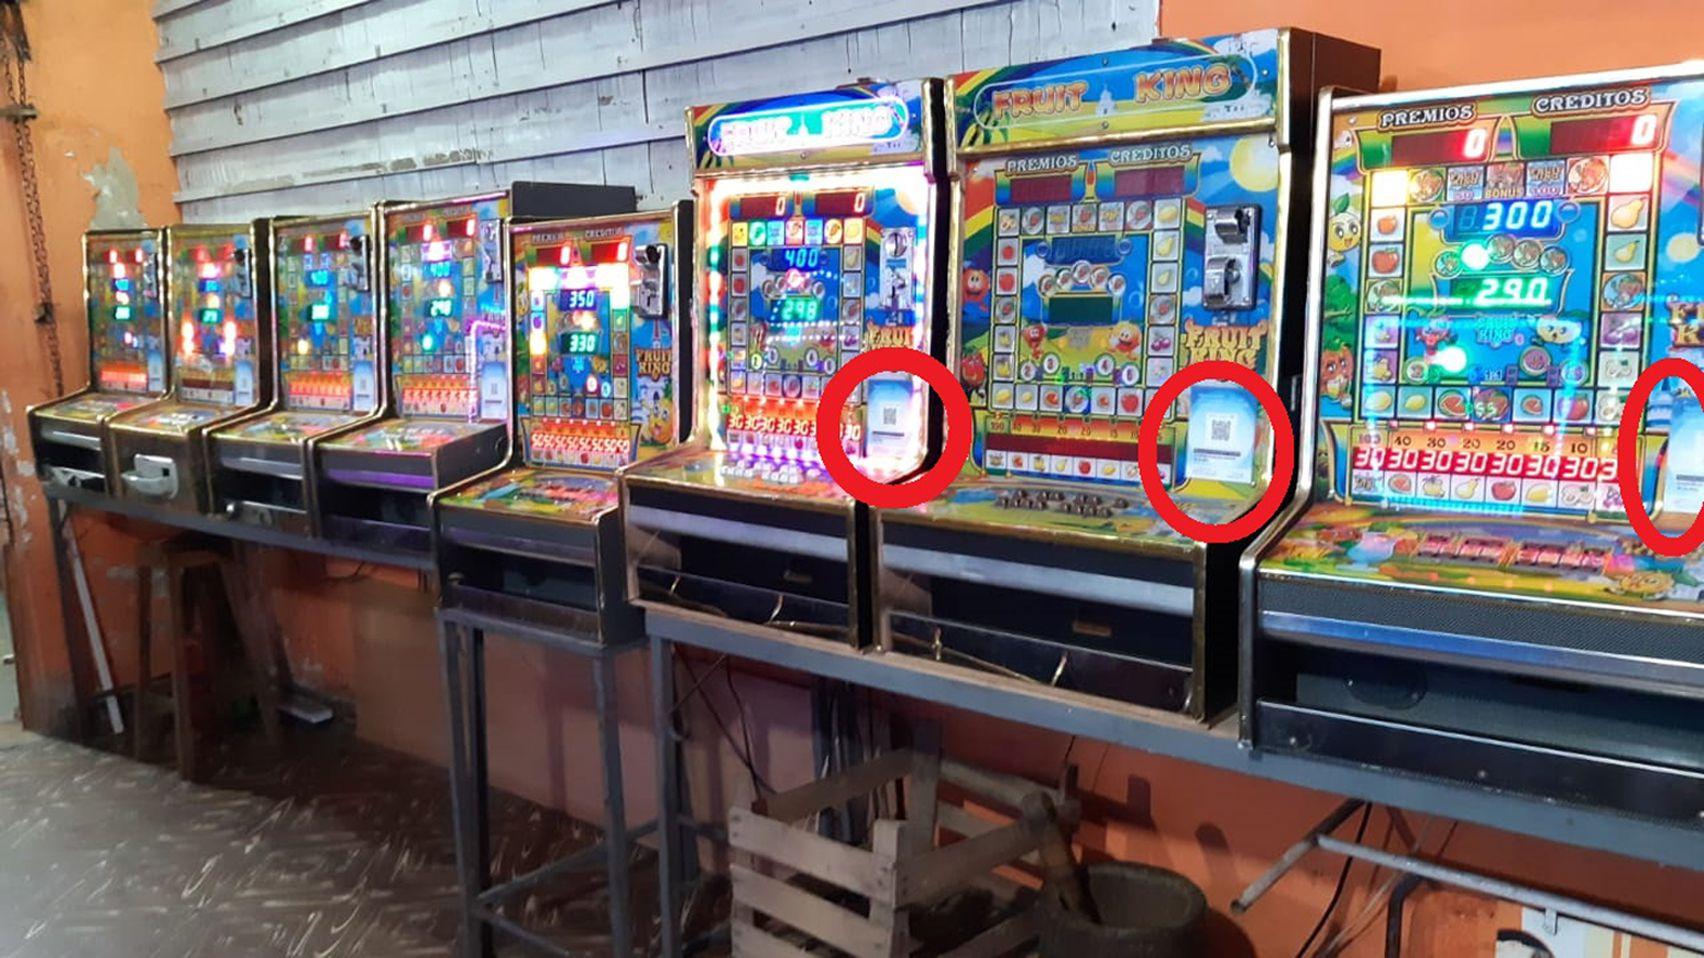 Las salas de juegos de azar también son intervenidas por iCrop SA, a pesar de que no cuenta con la facultad para hacerlo. Hasta ahora no se reportó sanción de Conajzar al respecto.